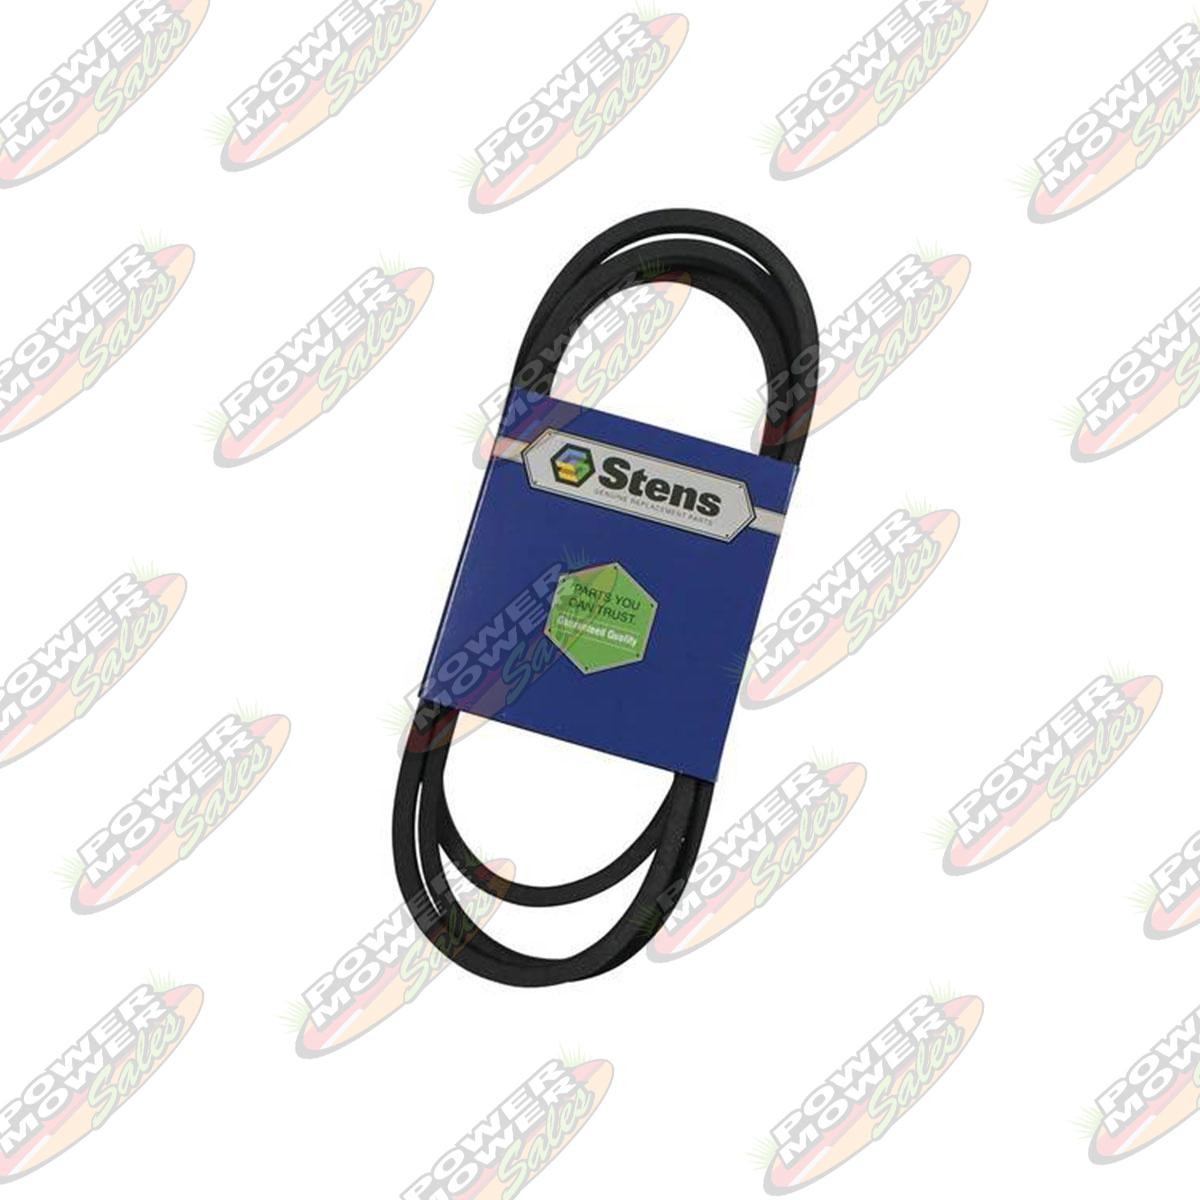 Craftsman 532130969 130969 Mower Deck Belt Husqvarna Poulan Weed Eater